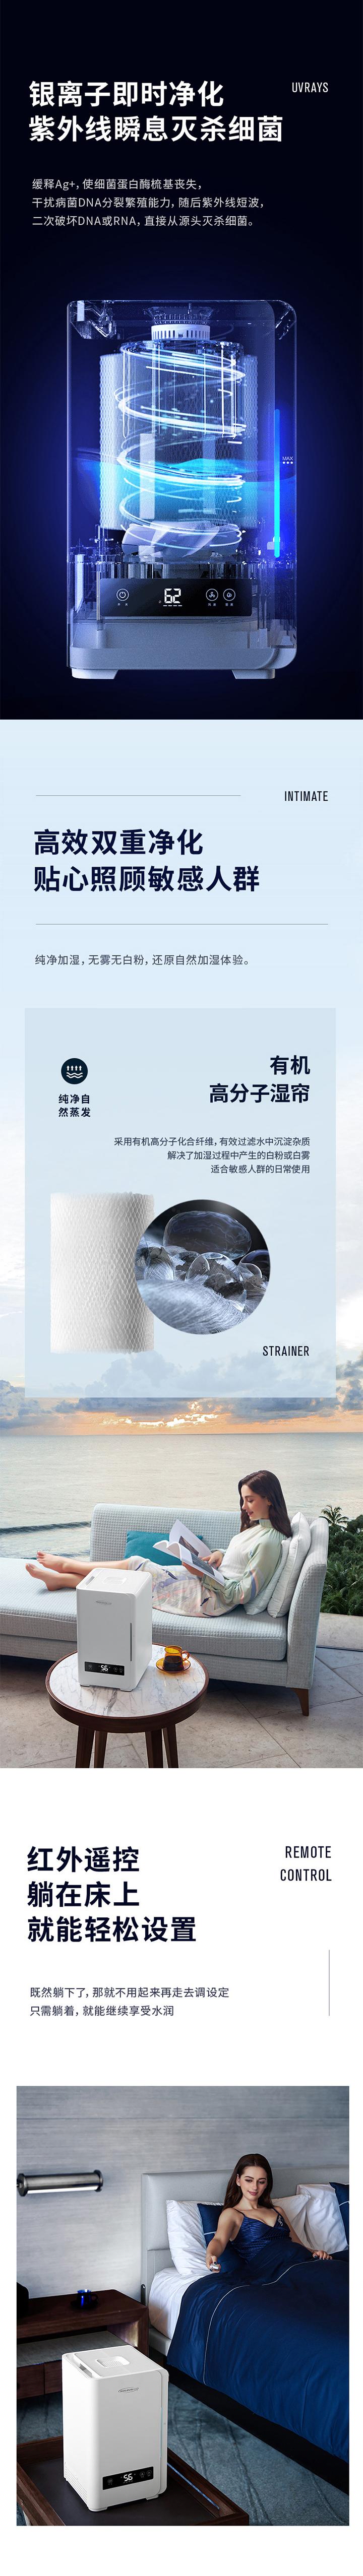 舒乐氏蓝海无雾纯净加湿器